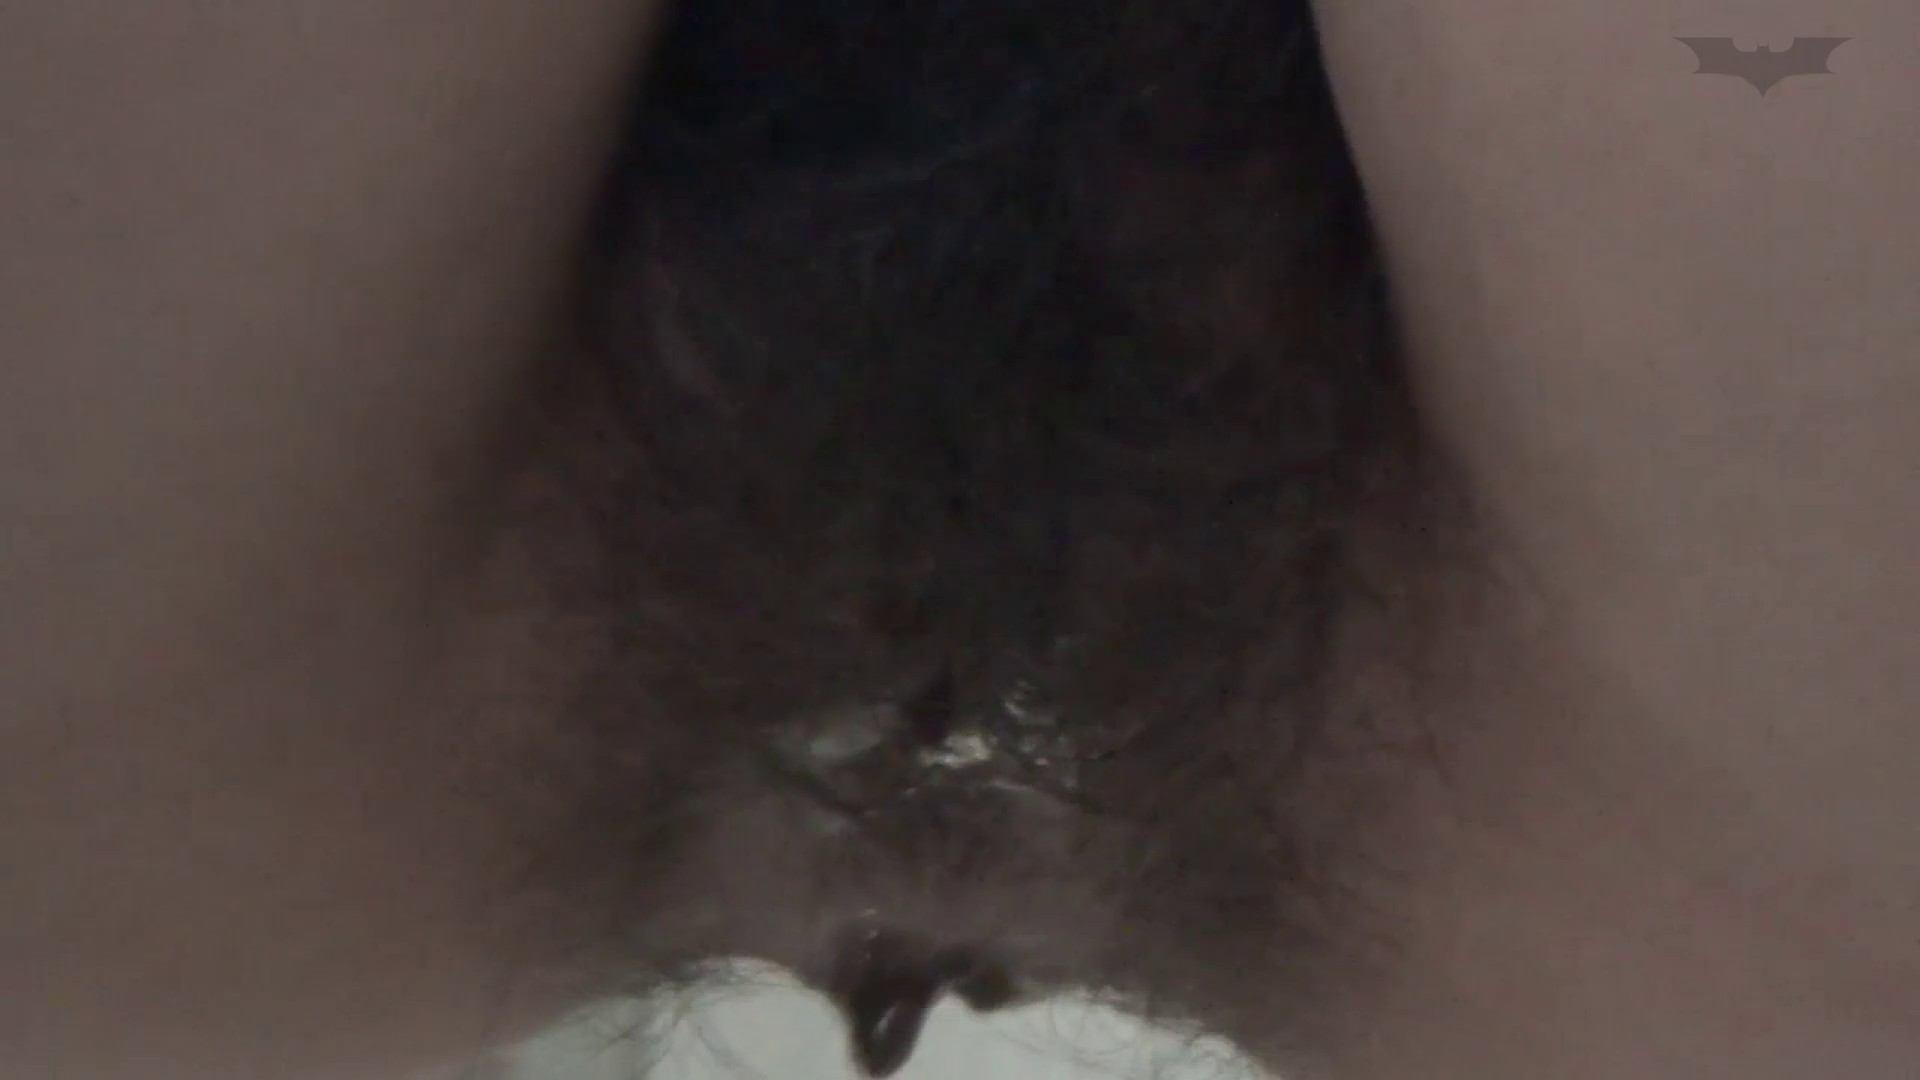 JD盗撮 美女の洗面所の秘密 Vol.60 盗撮 | 高画質  81画像 58